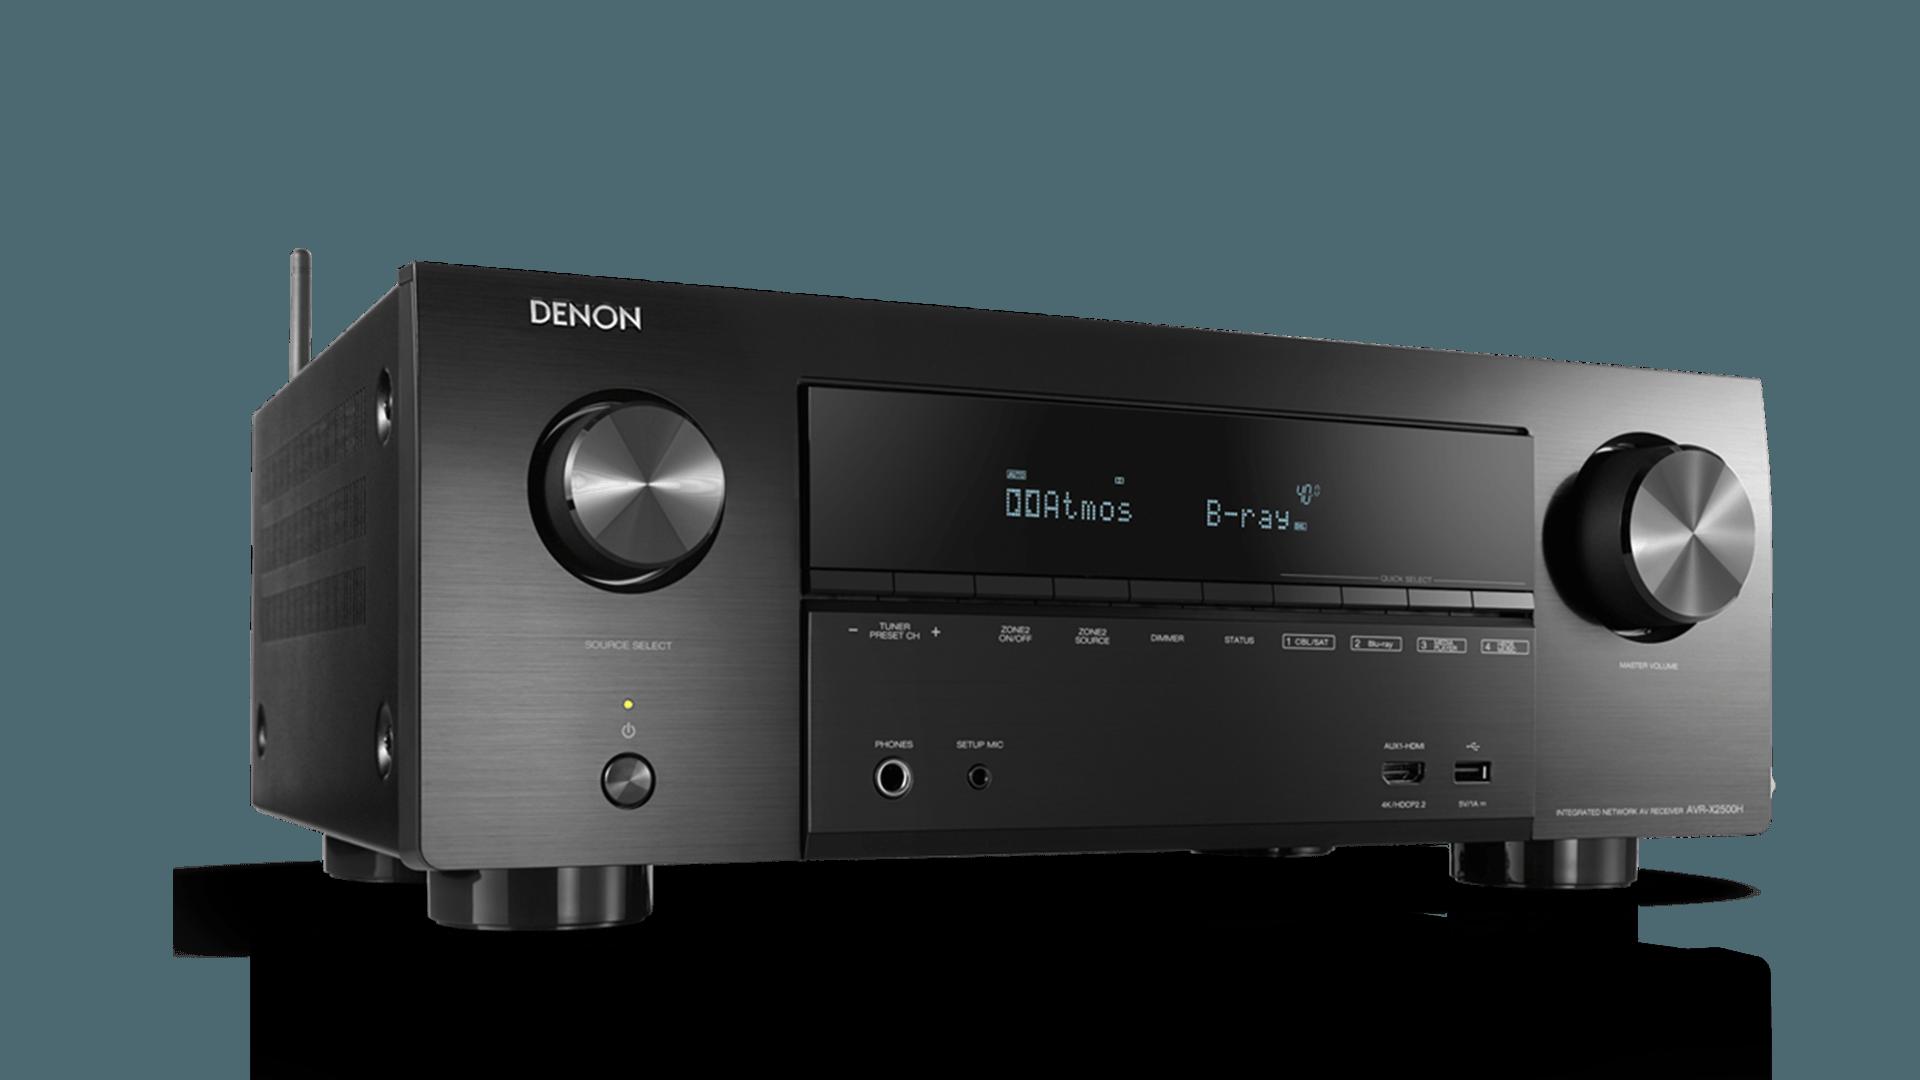 Nieuwe receivers toegevoegd aan Denon X-serie